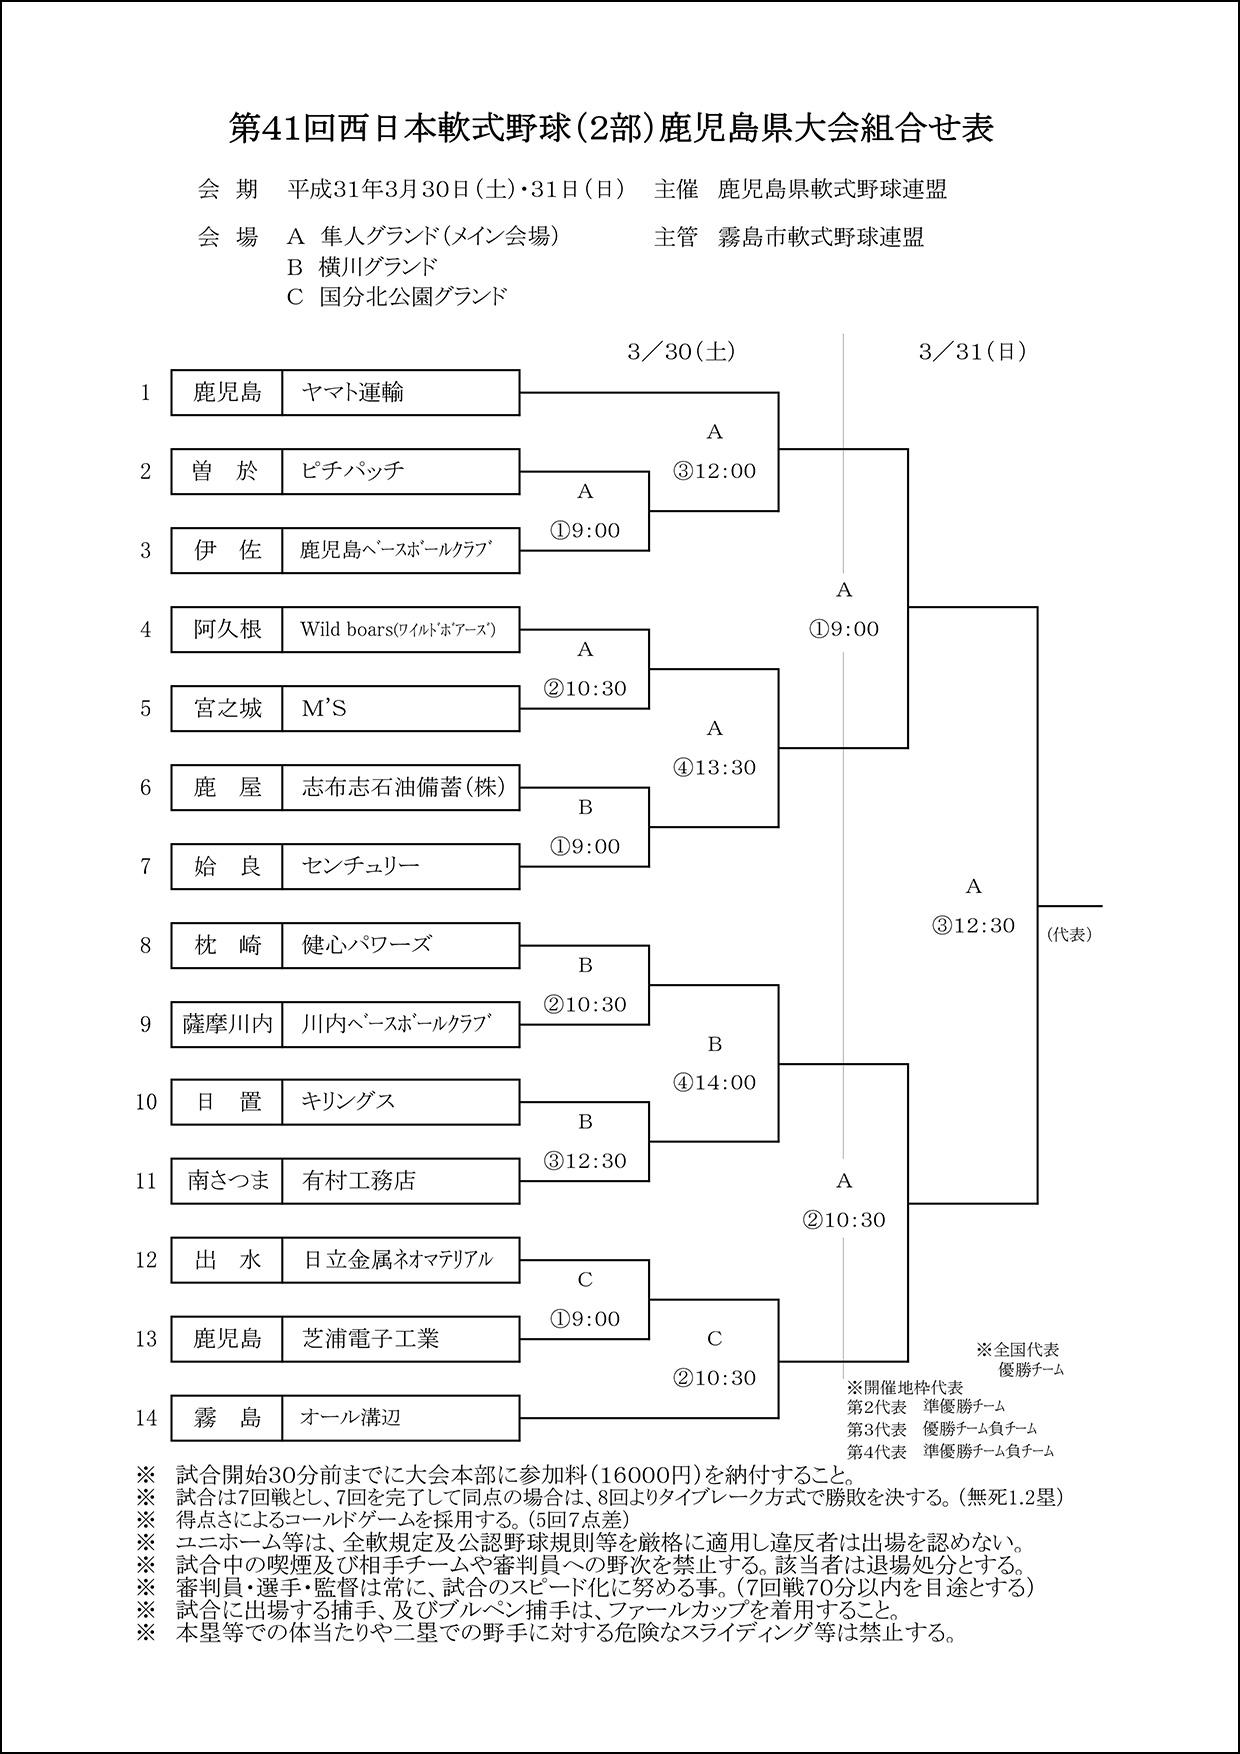 【組合せ】第41回西日本軟式野球(2部)鹿児島県大会